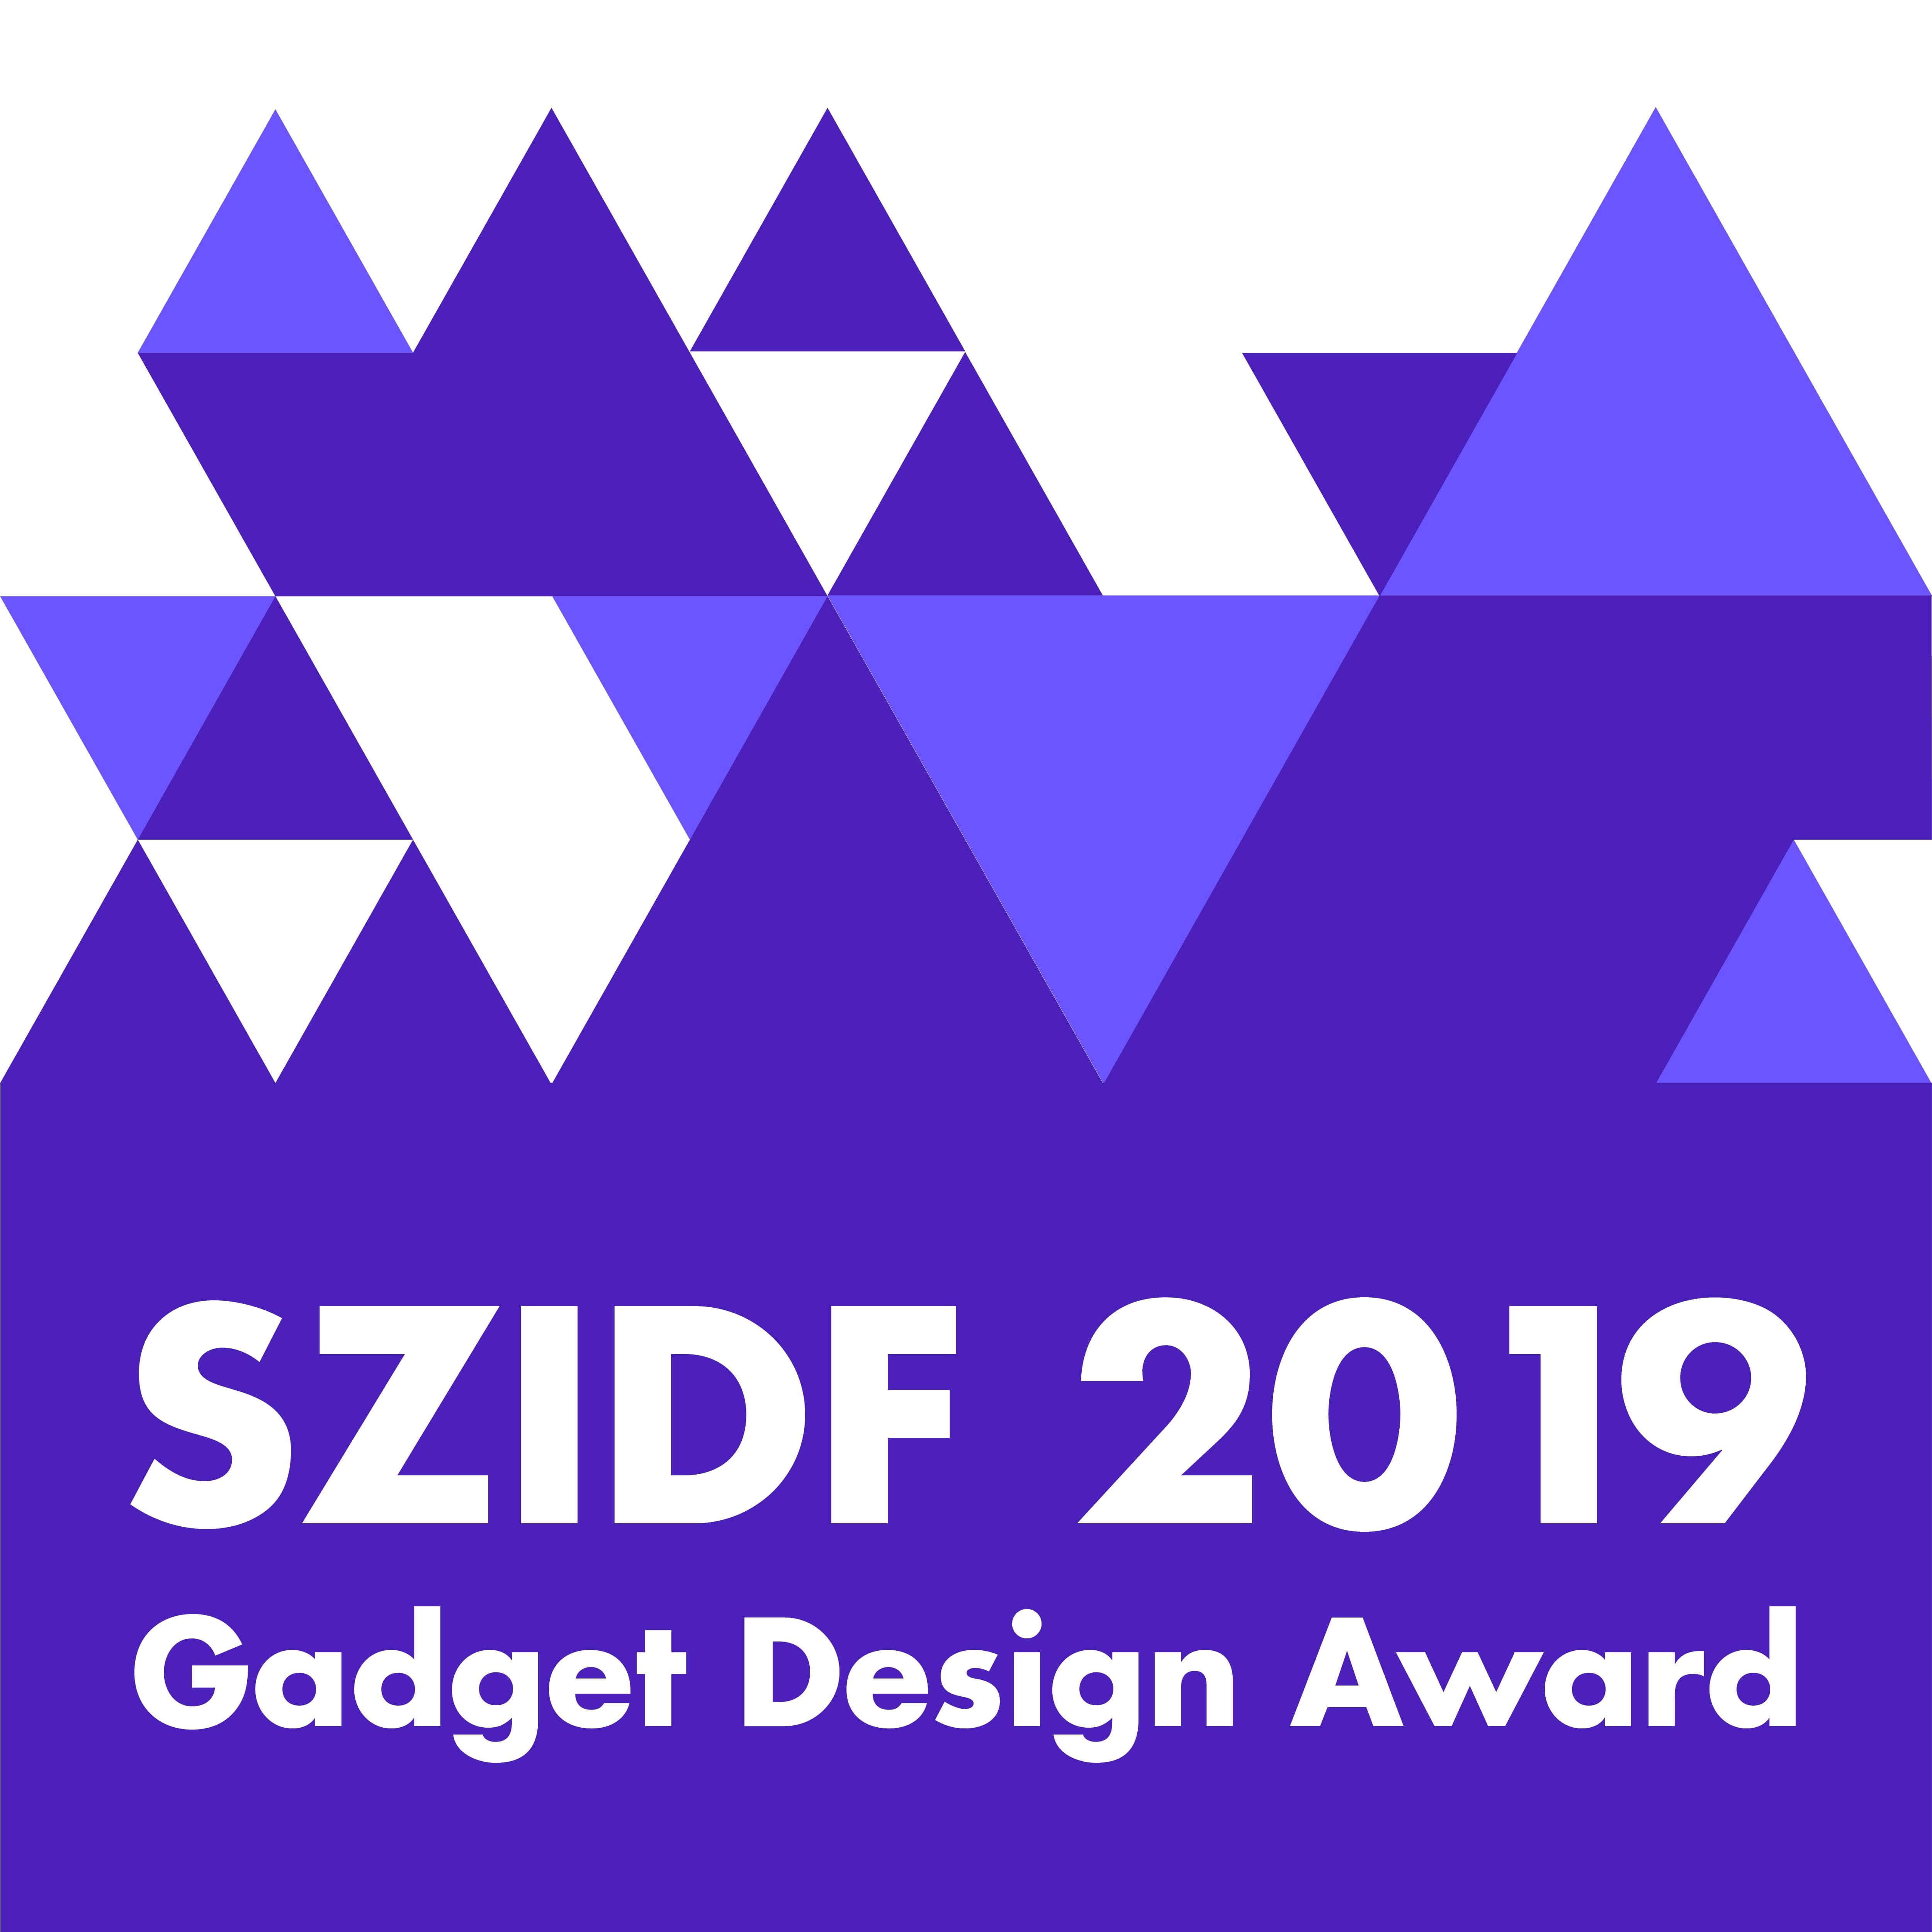 SZIDF 2019 Gadget Design Award